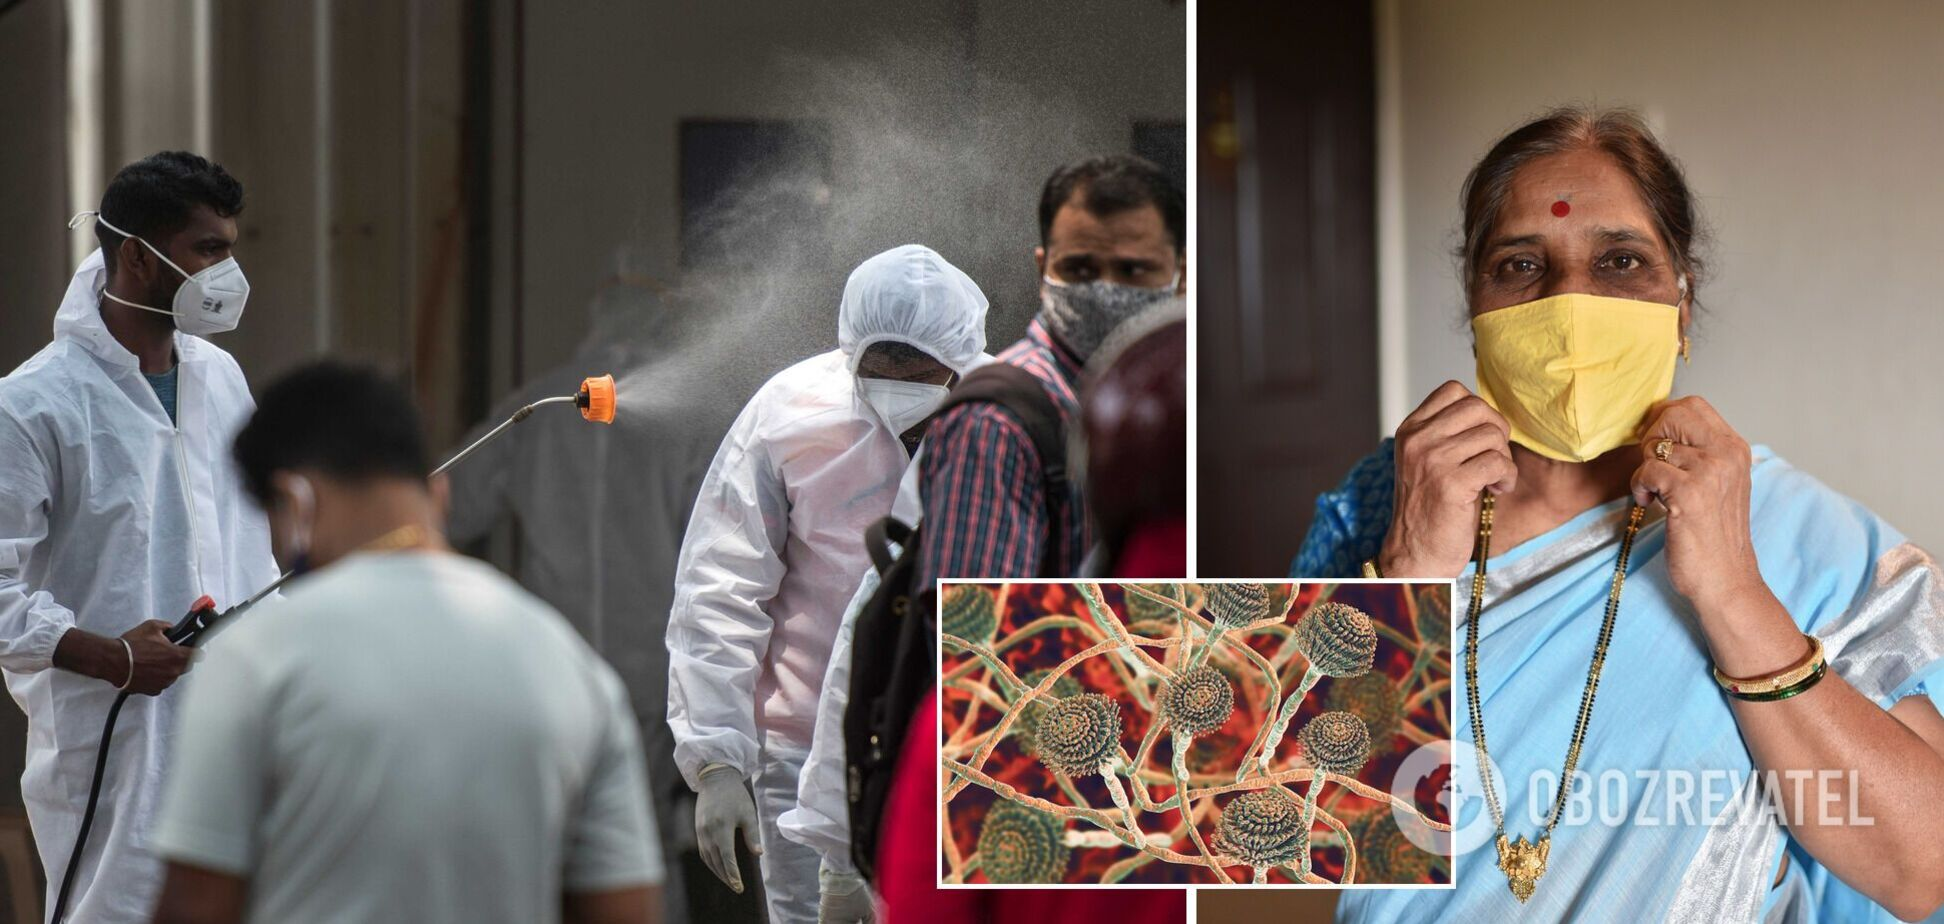 В Індії в перехворілих на COVID-19 лікарі виявили рідкісний 'чорний грибок'